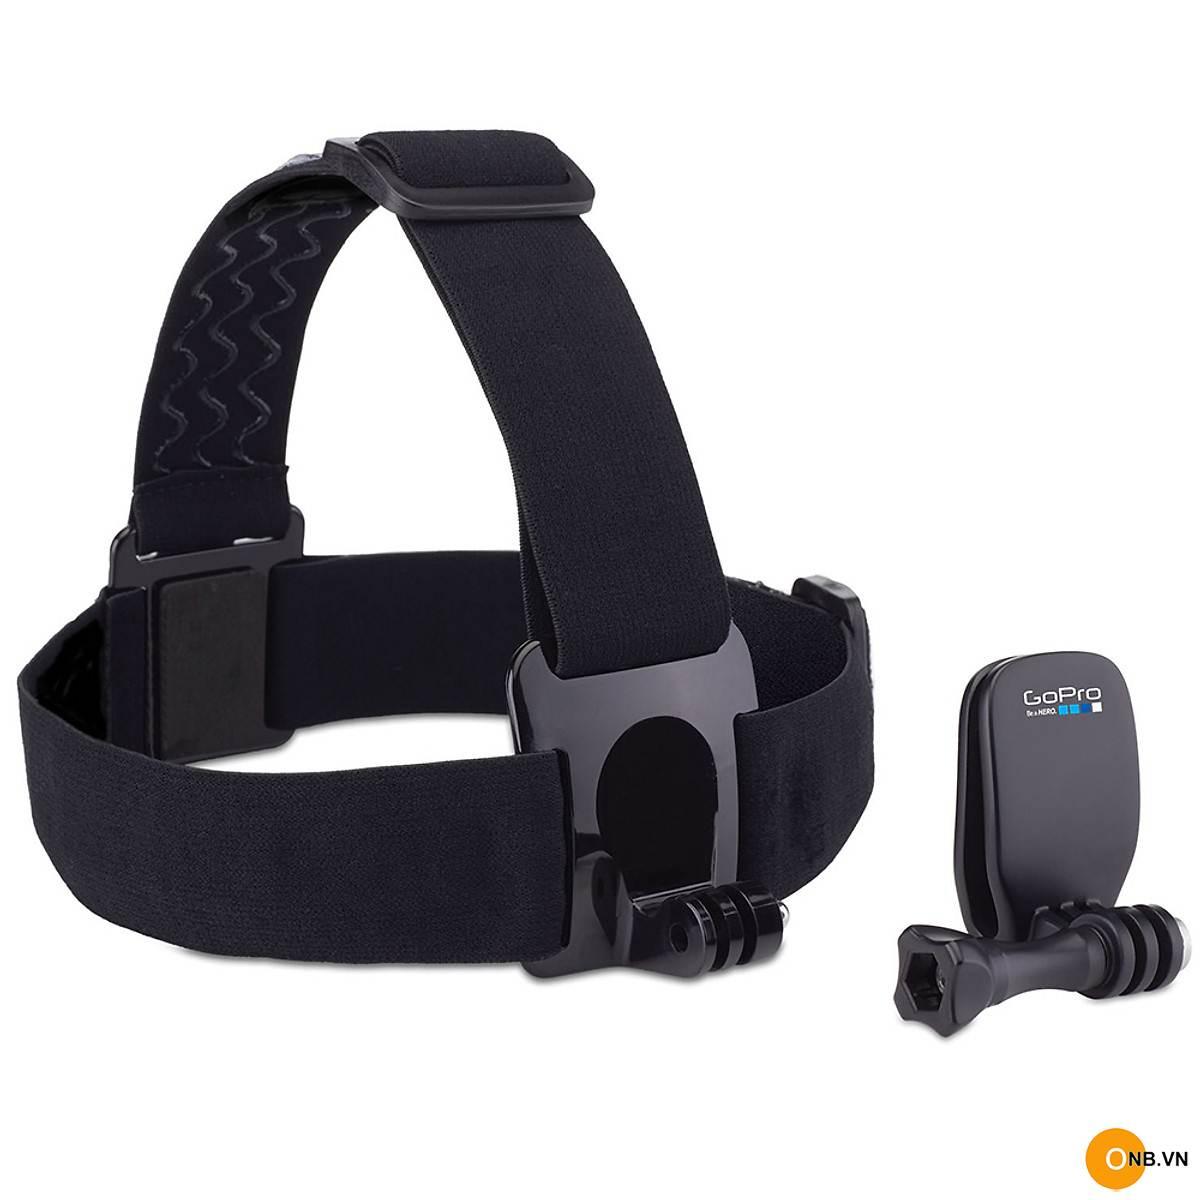 Dây Đeo Đầu GoPro Head Strap Quickclip hàng chính hãng